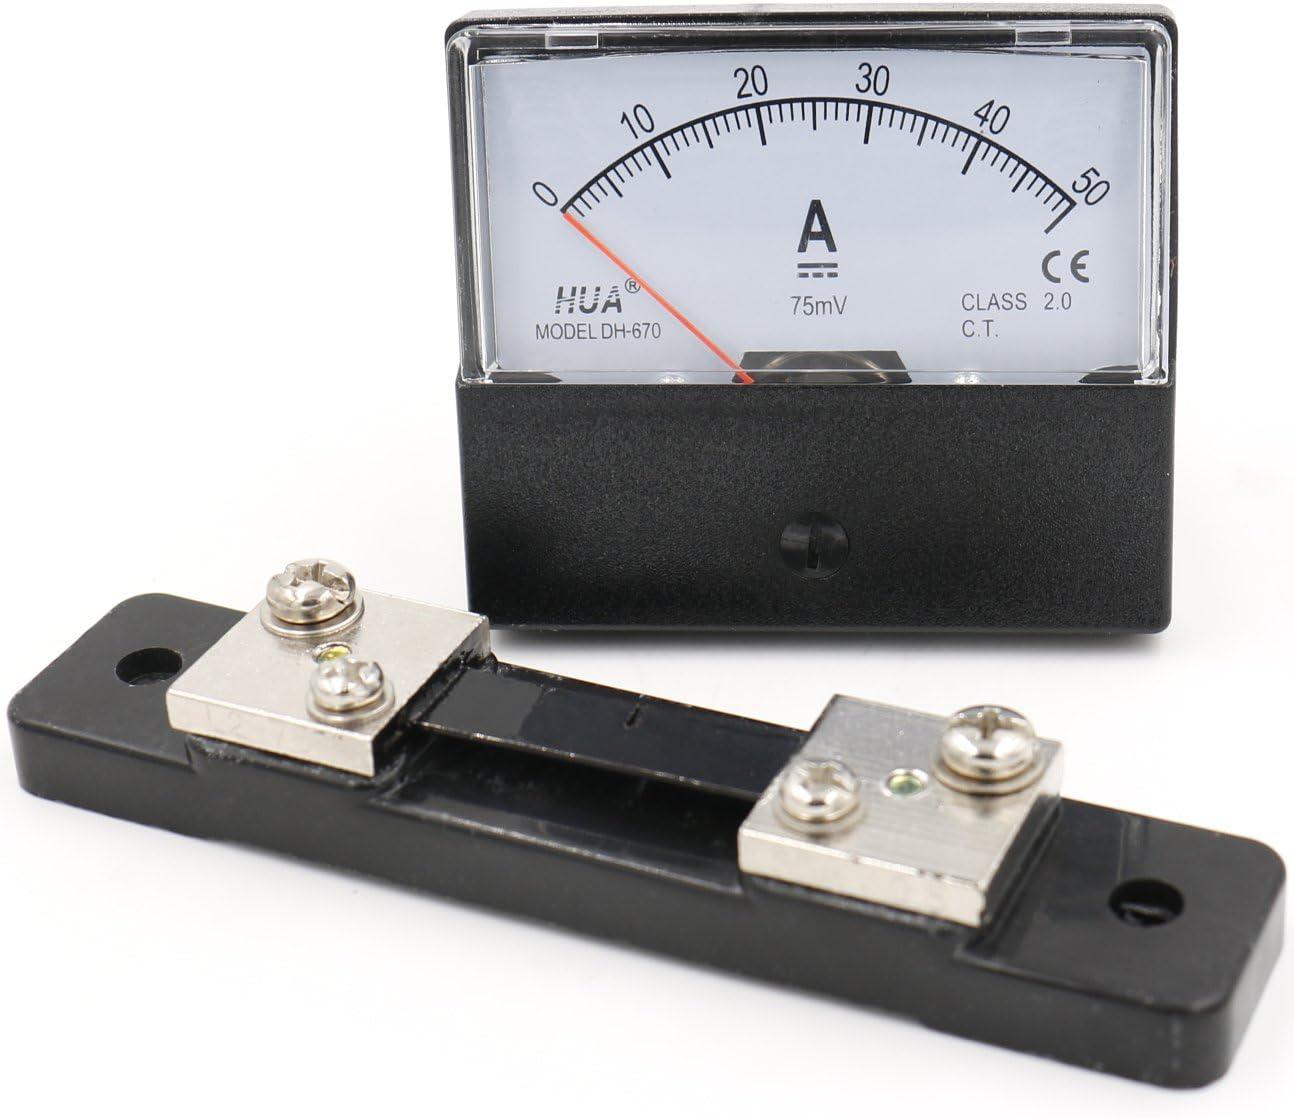 heschen rect/ángulo de panel montado en Contador de corriente amper/ímetro Tester DH de 670/DC 0/ /50/A clase 2,0/con Shunt